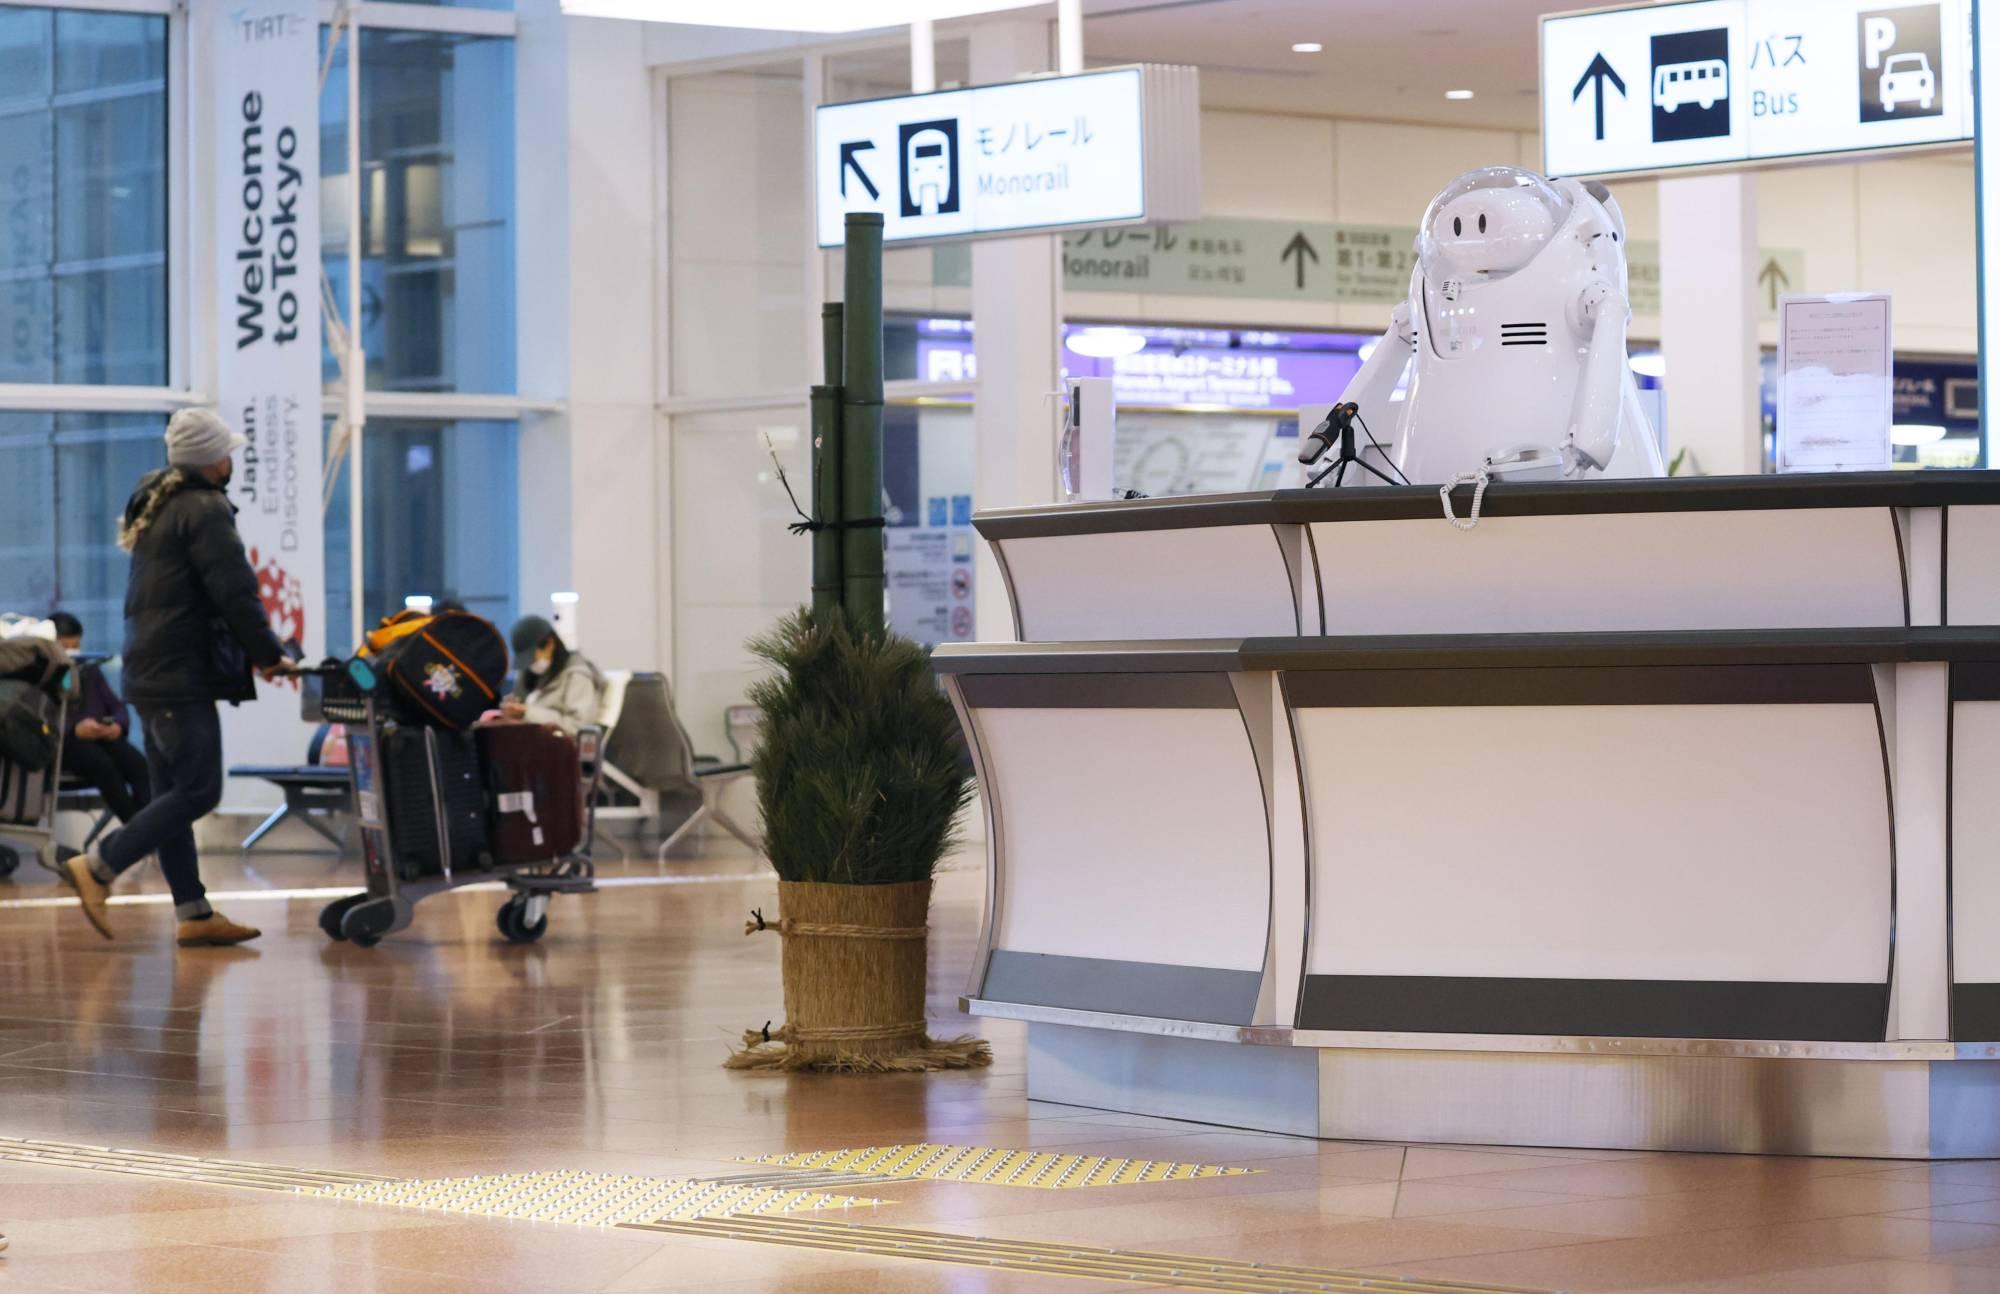 日本确诊70例印度变种新冠,政府宣布限制印、巴、尼外籍人士入境